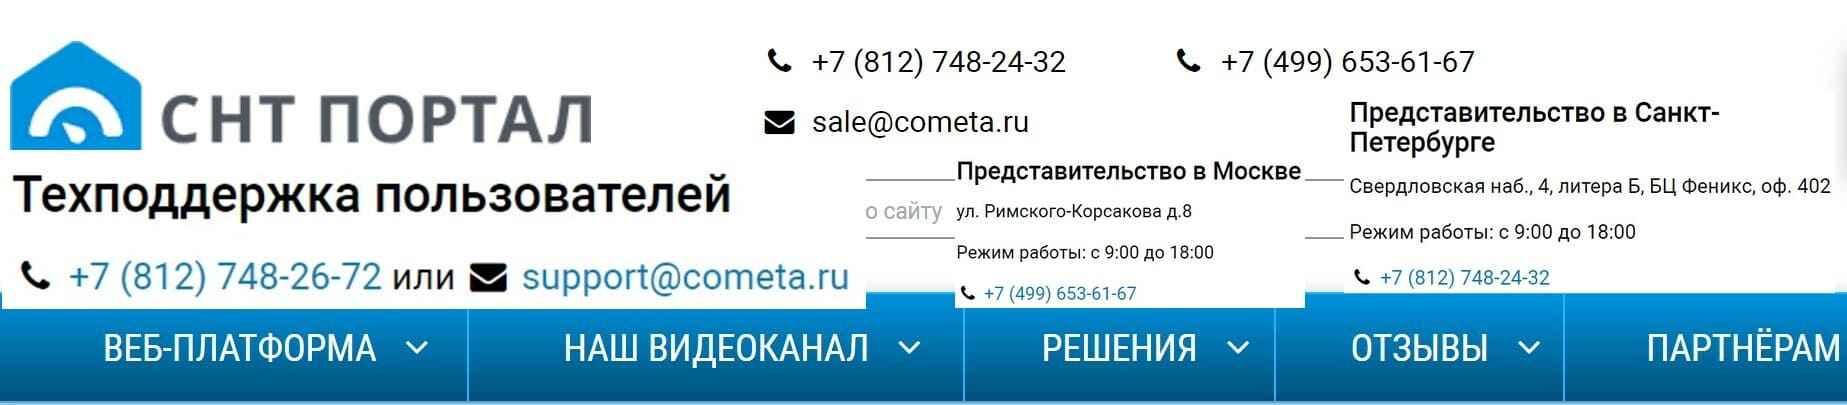 СНТ Портал личный кабинет